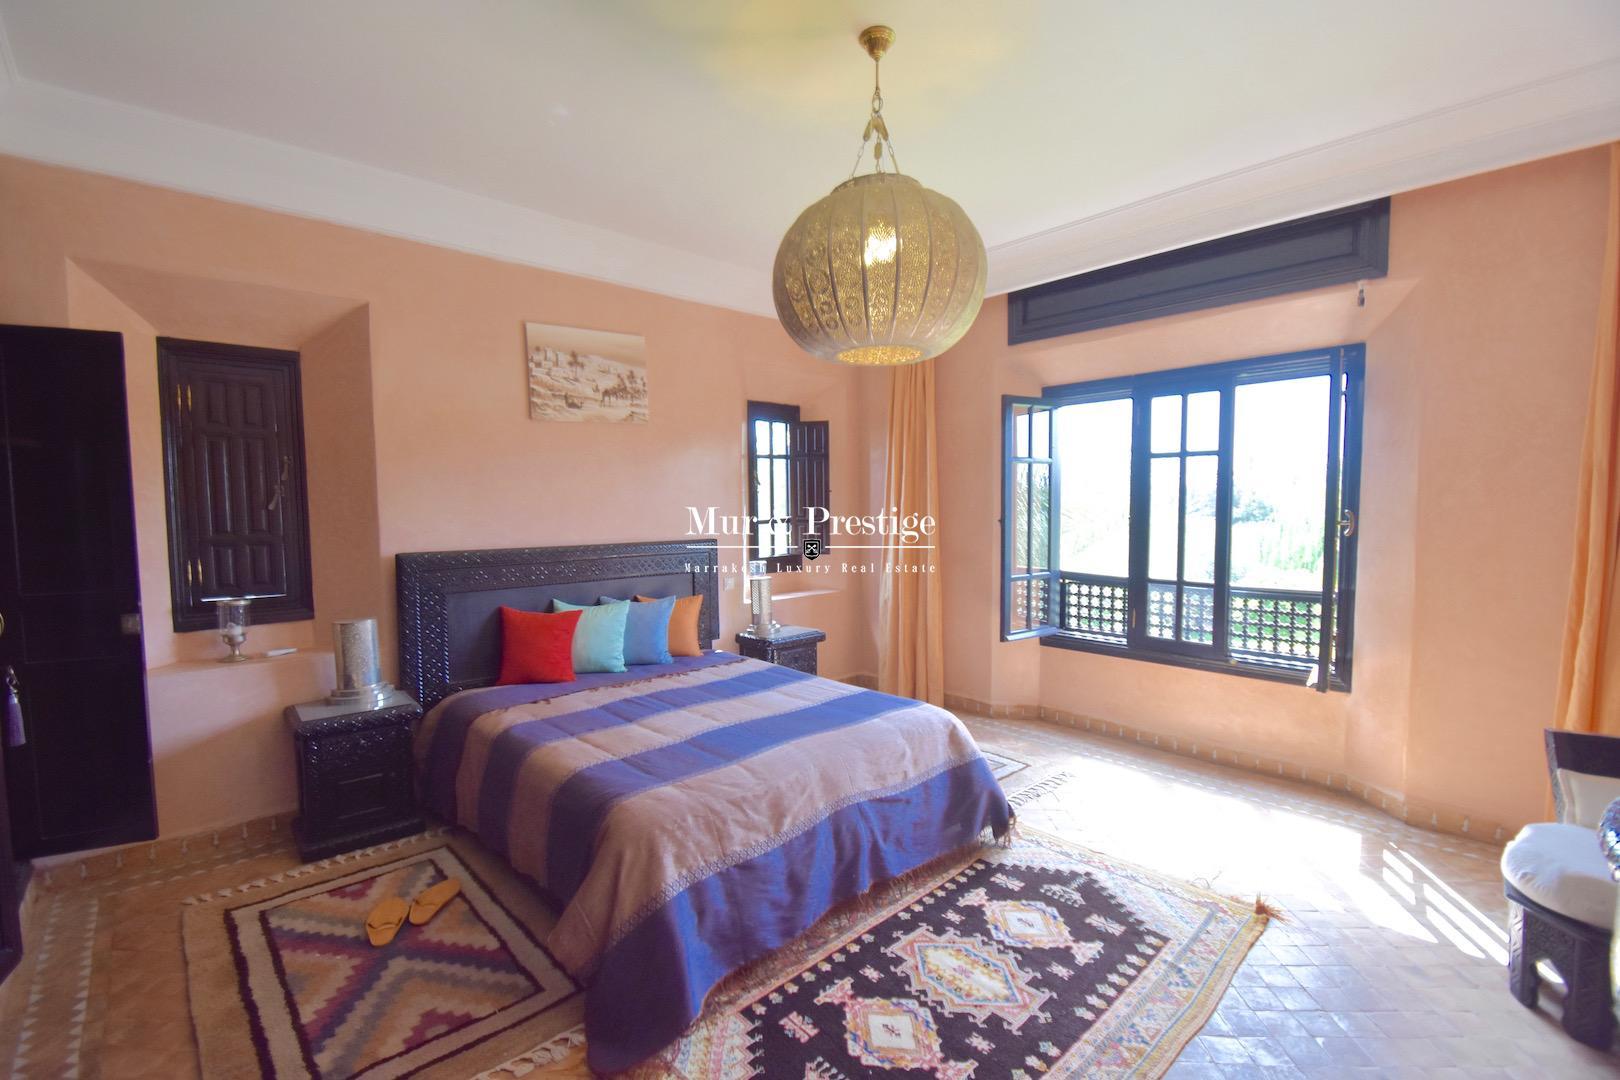 Maison de style Kasbah à vendre à Marrakech